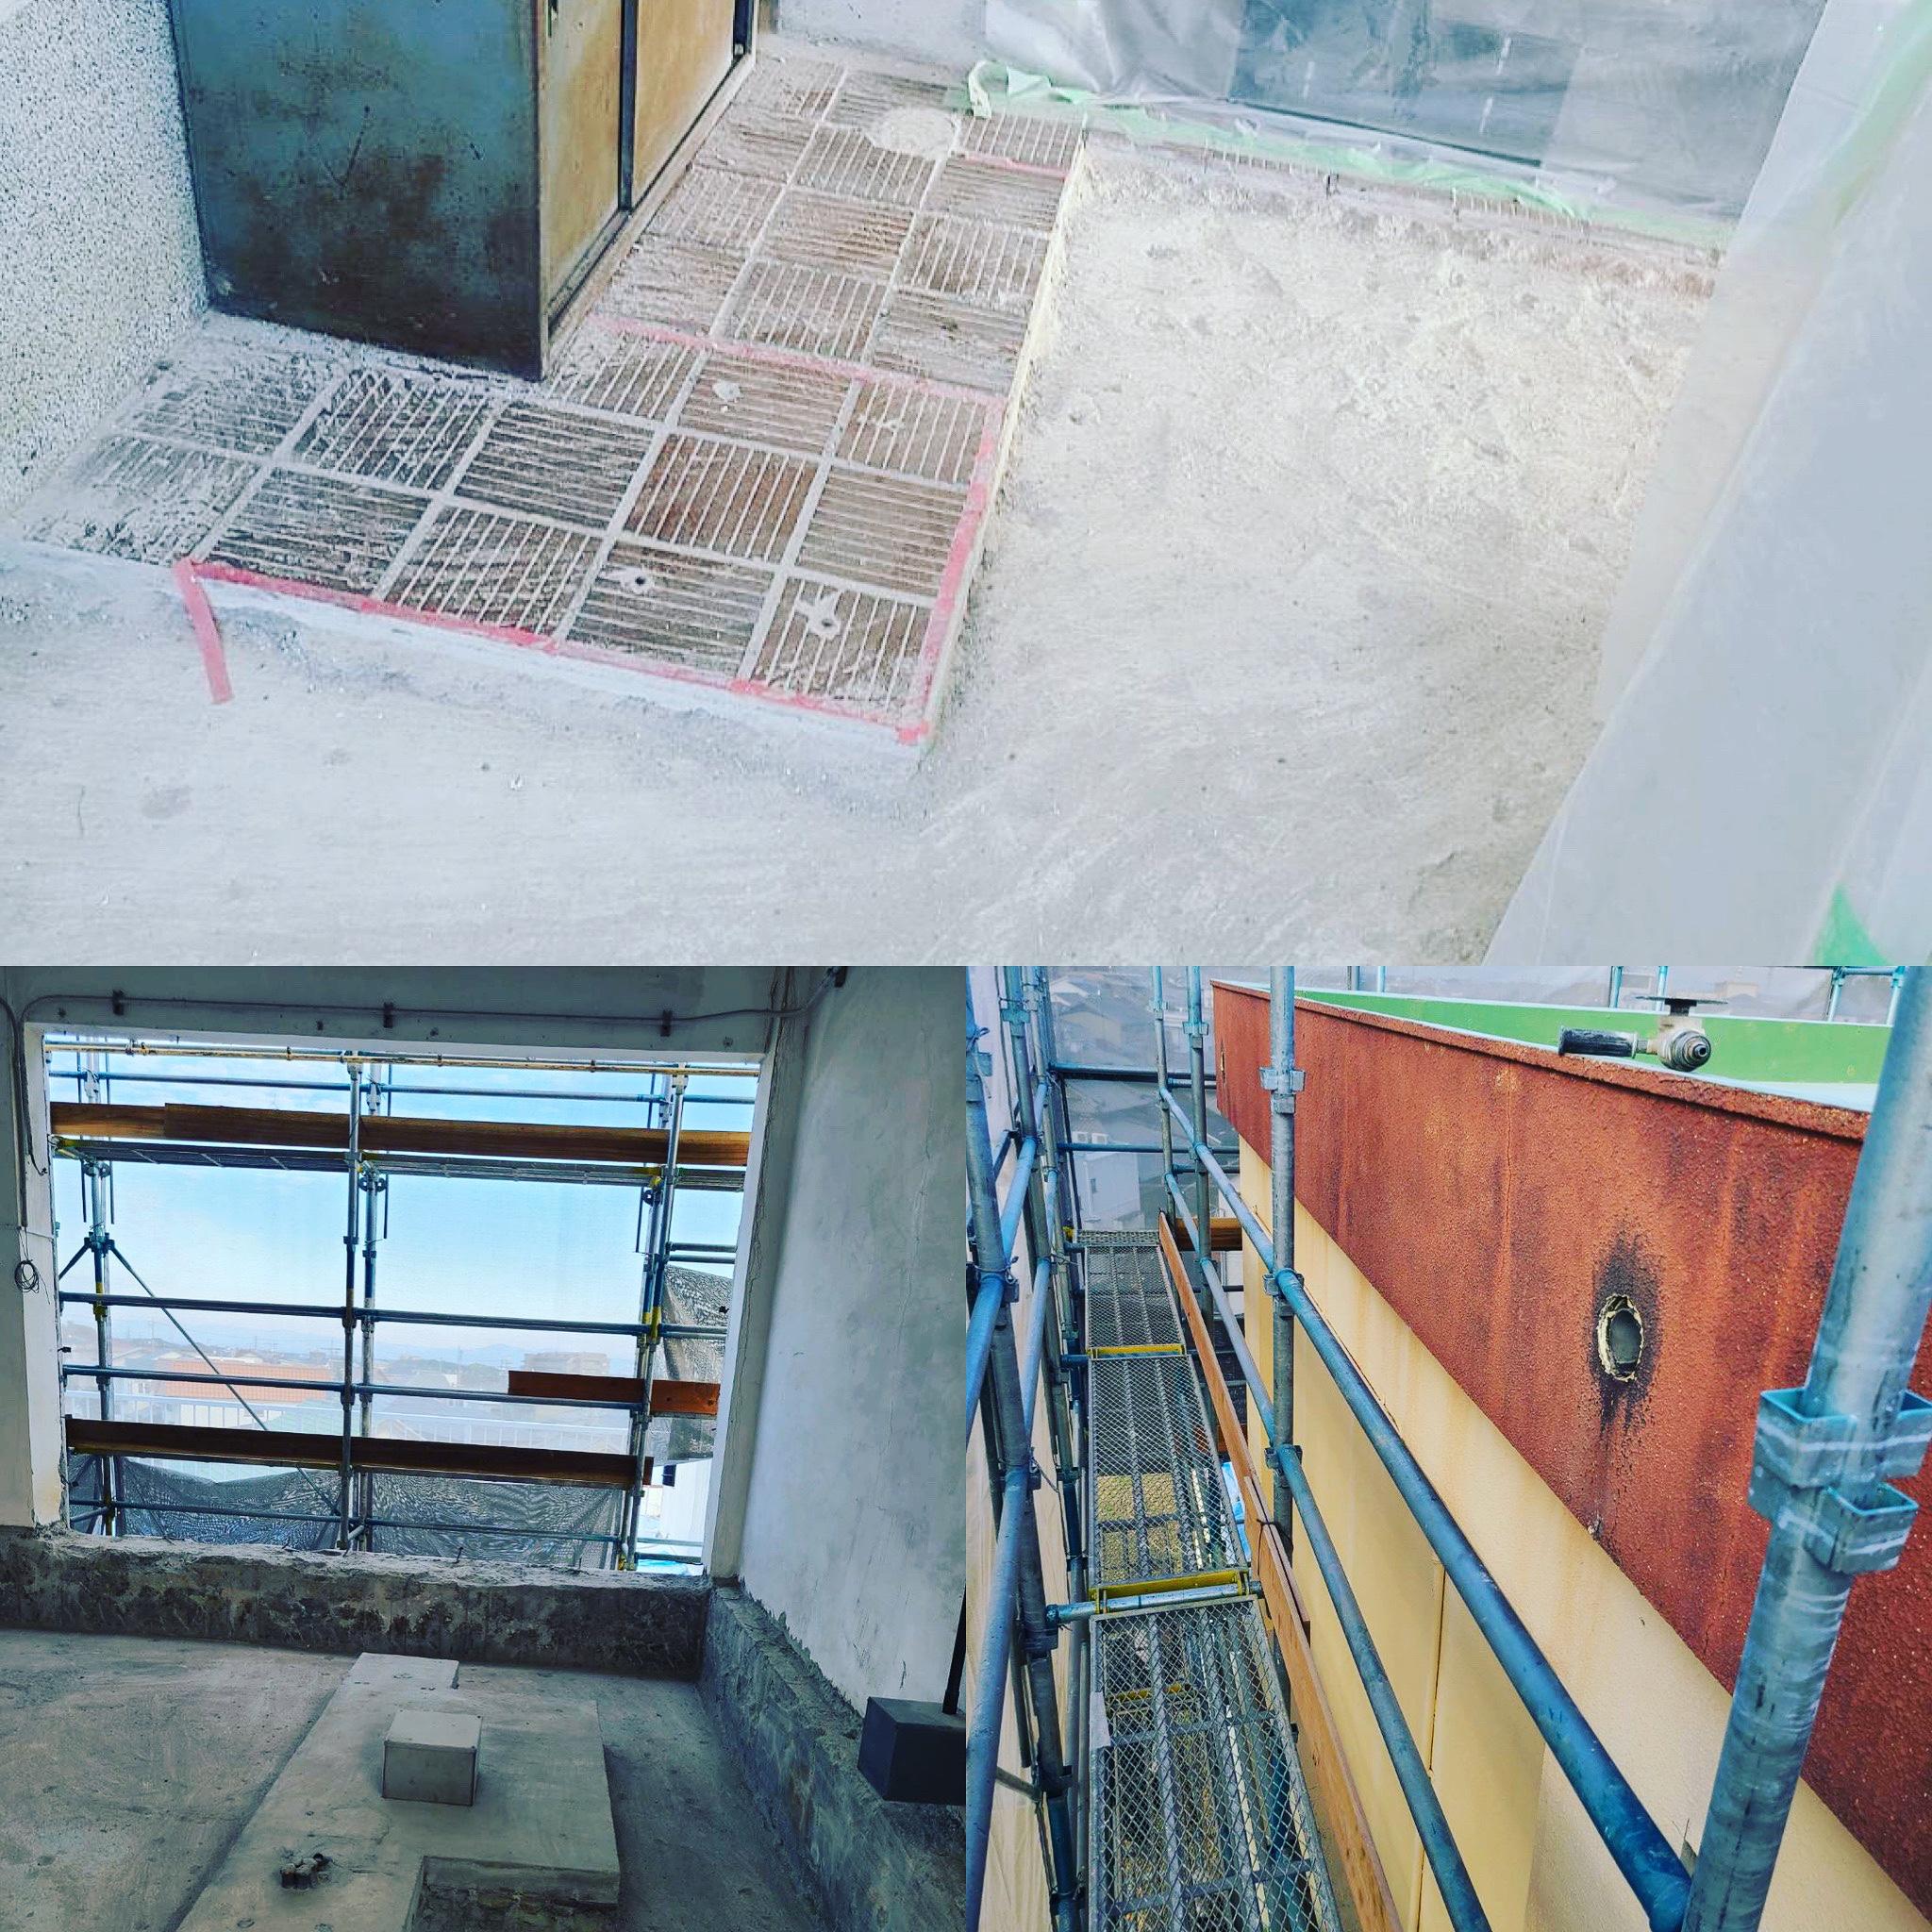 愛知県東郷町 商業施設内部解体工事